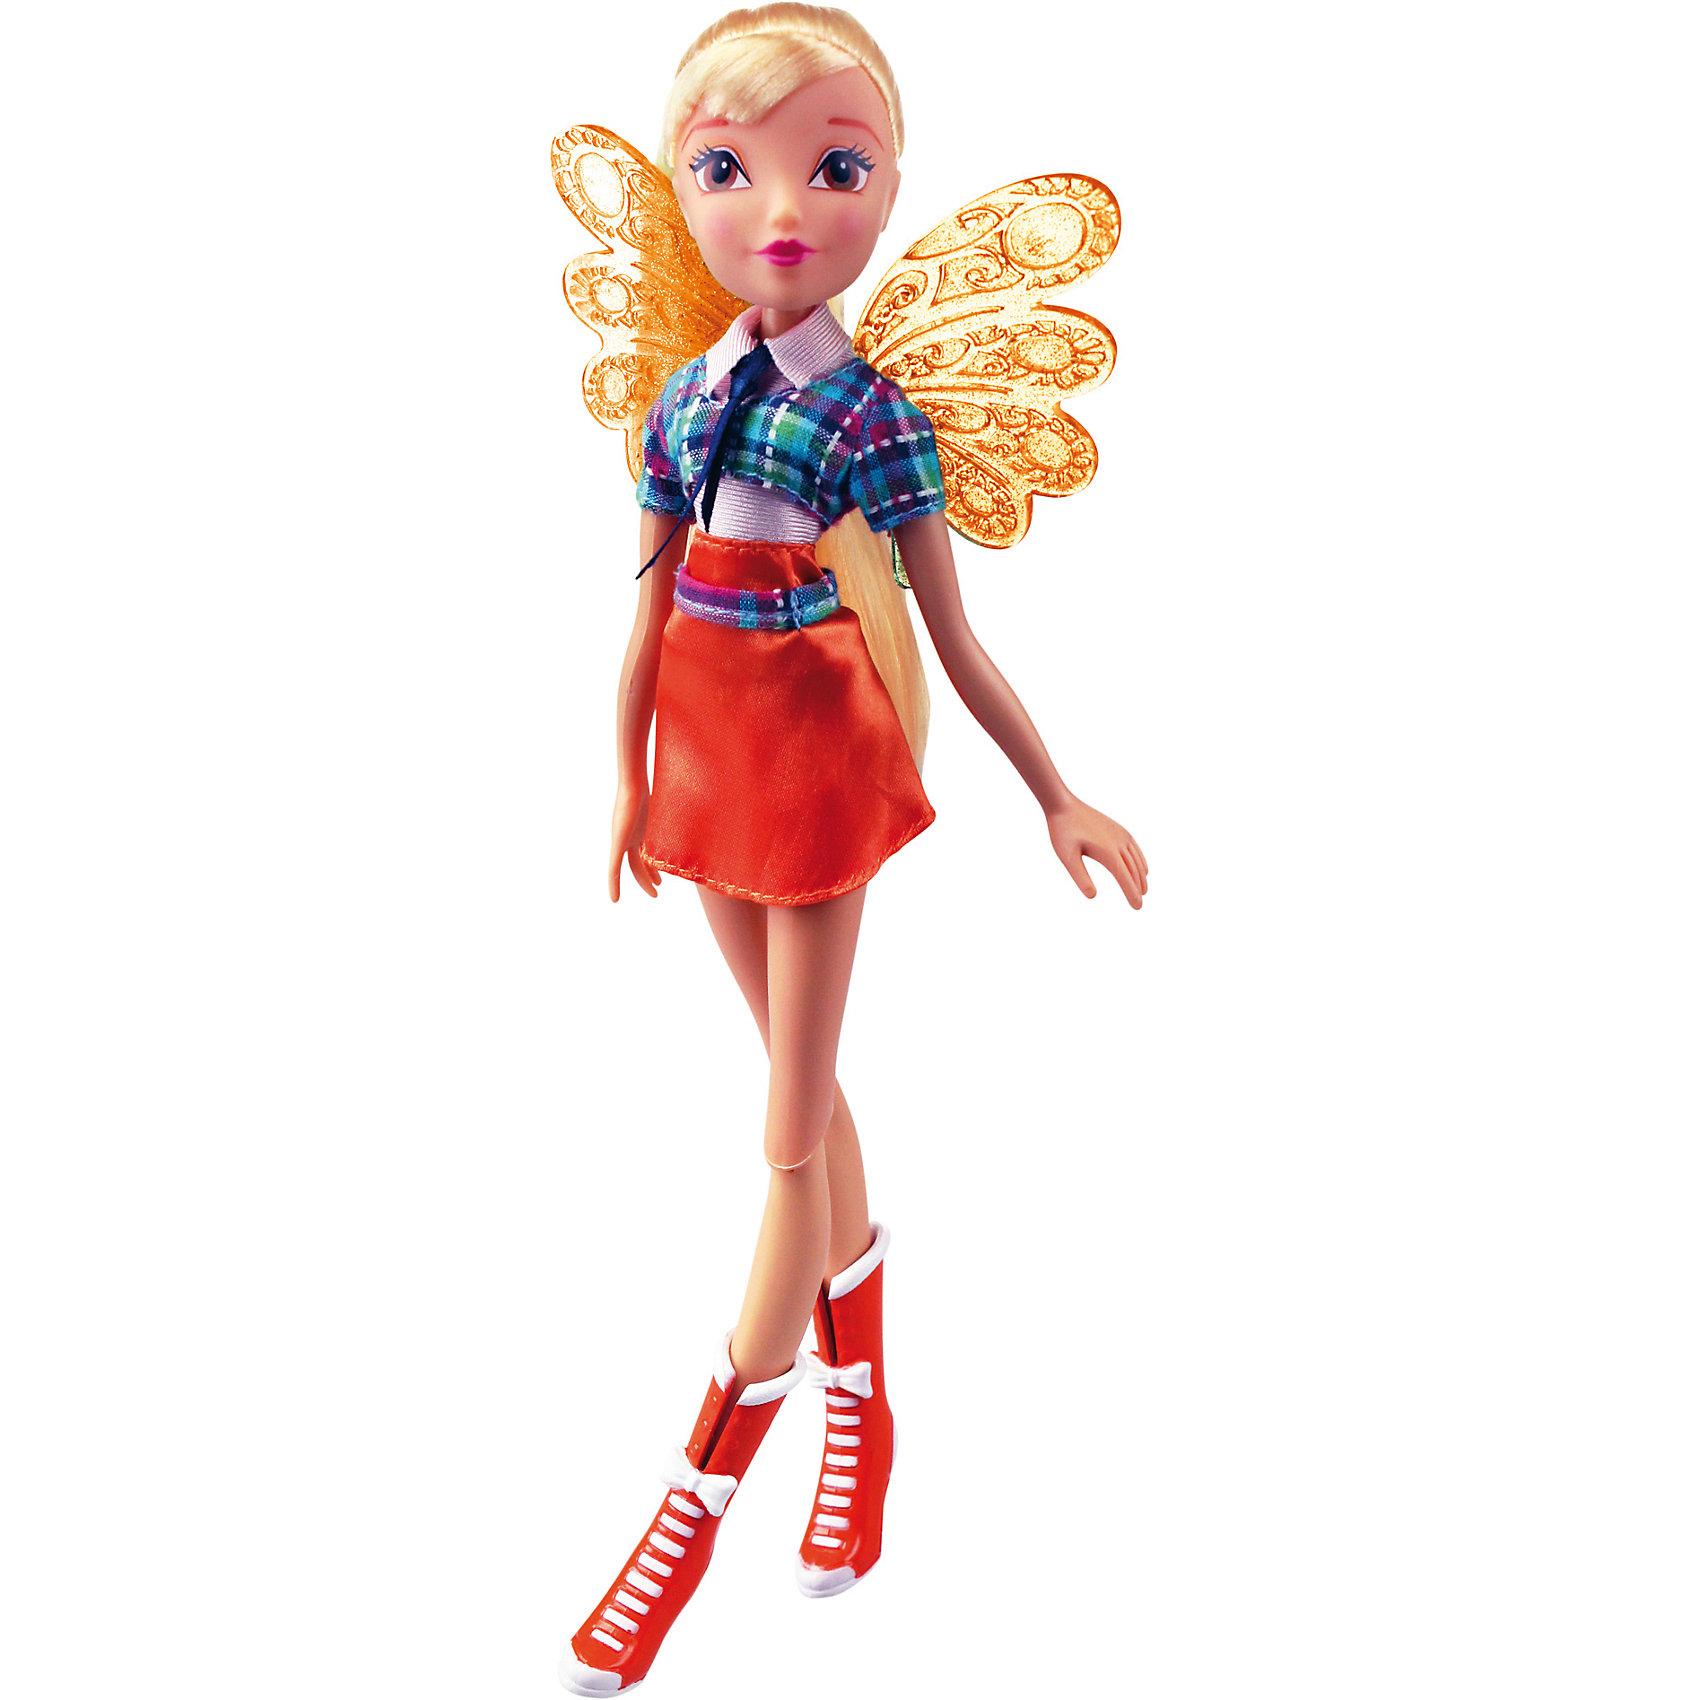 Кукла Winx Club Алфея СтеллаКукла Winx Club Алфея Стелла – красавица в стильной школьной форме идеальный подарок для преданных поклонниц фей.<br>Очередной учебный год в магической школе «Алфея» начался! Вся компания девочек-фей из «Винкс Клуб» любит уникальные наряды и знает толк в моде. Коллекция кукол-волшебниц  из 7 сезона мультсериала «Винкс Клуб» уже в продаже! Эксклюзивная школьная форма, роскошные волосы, съемные подвижные крылышки и шарнирный механизм кукол обрадуют всех поклонниц «Винкс Клуб». С каждой куклой серии «Алфея» в подарок вы получаете оригинальный браслет со съемными декоративными элементами. В коллекции «Алфея» у куклы Стелла модный клетчатый жакет, розовая блузка, темно-синий галстук, оранжевая мини-юбка и стильные ботильоны. Выразительные черты лица красавицы подчеркнуты ярким макияжем, а ее шикарные светлые волосы, завязанные в хвостик, спадают ниже плеч. Чудесные прозрачные ажурные крылышки феи порхают как настоящие и ярко мерцают на свету! Юная волшебница полностью готова к изучению заклинаний и получению силы Баттерфликс. Одежда и аксессуары куклы Winx Club «Алфея» Стелла полностью повторяют стиль одноименной героини сериала Winx Club (7 сезон). Продукция сертифицирована, экологически безопасна для детей, использованные красители не токсичны и гипоаллергенны.<br><br>Дополнительная информация:<br><br>- В комплекте: кукла, съемные крылья, брендированный браслет для девочки со съемными элементами (бабочка и цветочек)<br>- Высота куклы: 27 см.<br>- Материал: пластик, текстиль<br>- Руки и ноги куклы закреплены на шарнирных соединениях, поэтому их можно сгибать и двигать, придавая игрушке различные эффектные позы<br><br>Куклу Winx Club Алфея Стелла можно купить в нашем интернет-магазине.<br><br>Ширина мм: 200<br>Глубина мм: 60<br>Высота мм: 340<br>Вес г: 343<br>Возраст от месяцев: 36<br>Возраст до месяцев: 84<br>Пол: Женский<br>Возраст: Детский<br>SKU: 4728350